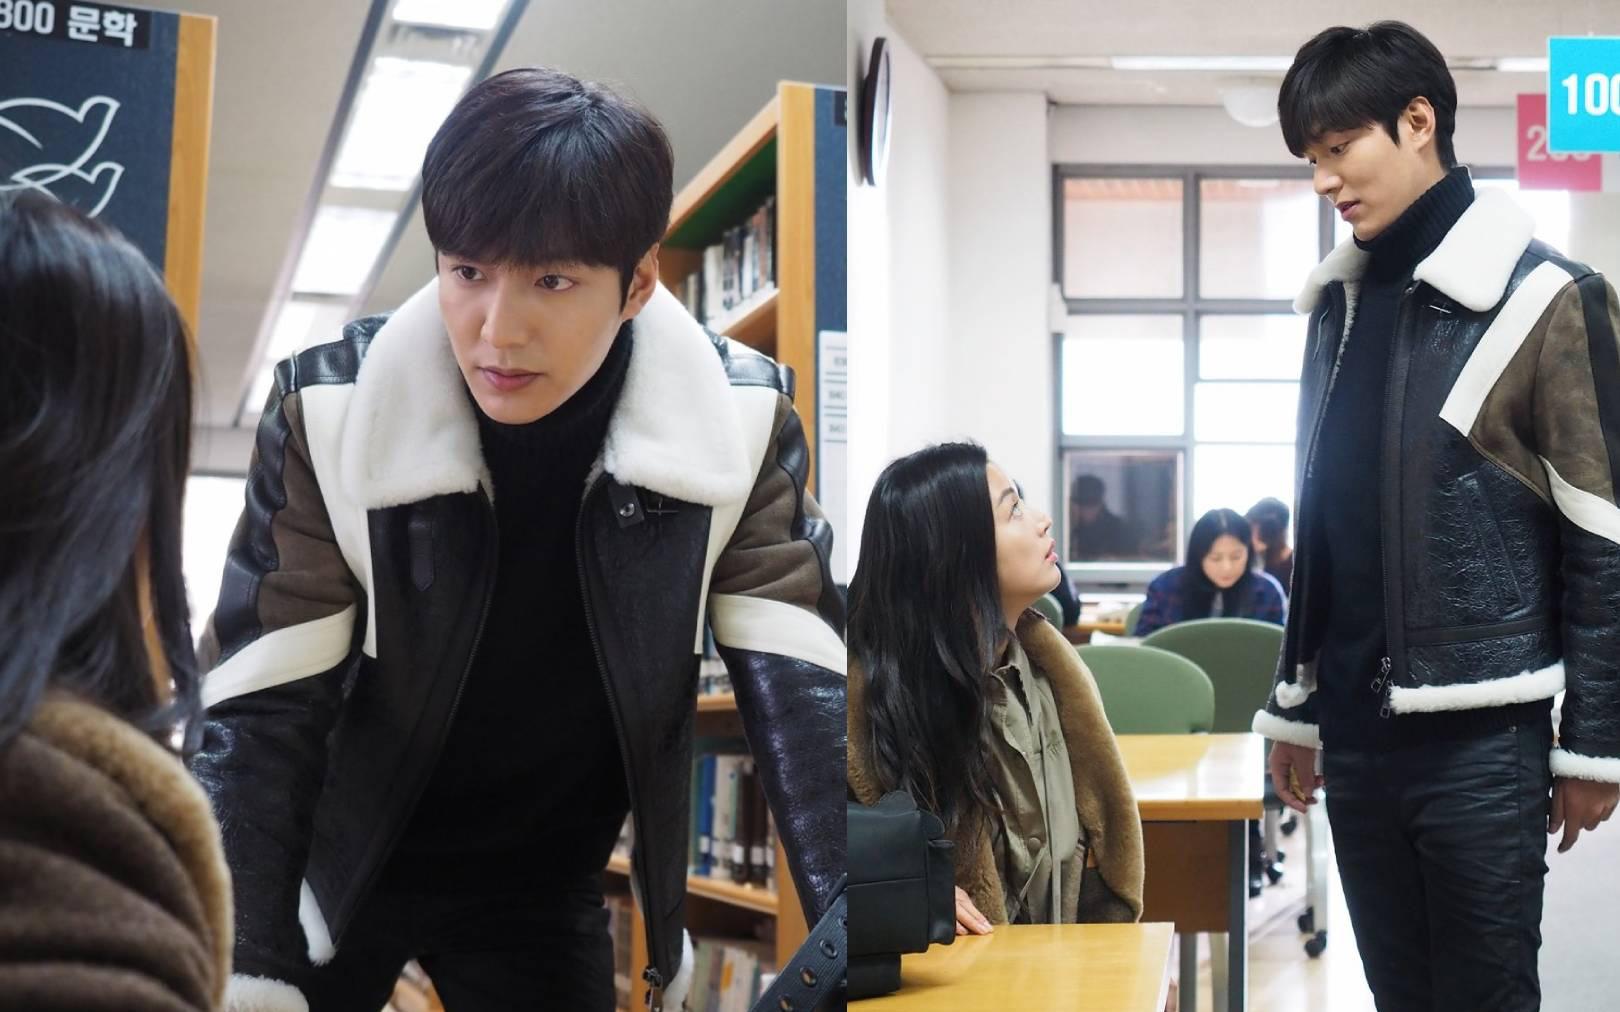 Lee Min Ho đi thư viện nhưng mải nhìn Kim Go Eun đắm đuối, thần thái ngút ngàn khiến ai cũng trầm trồ